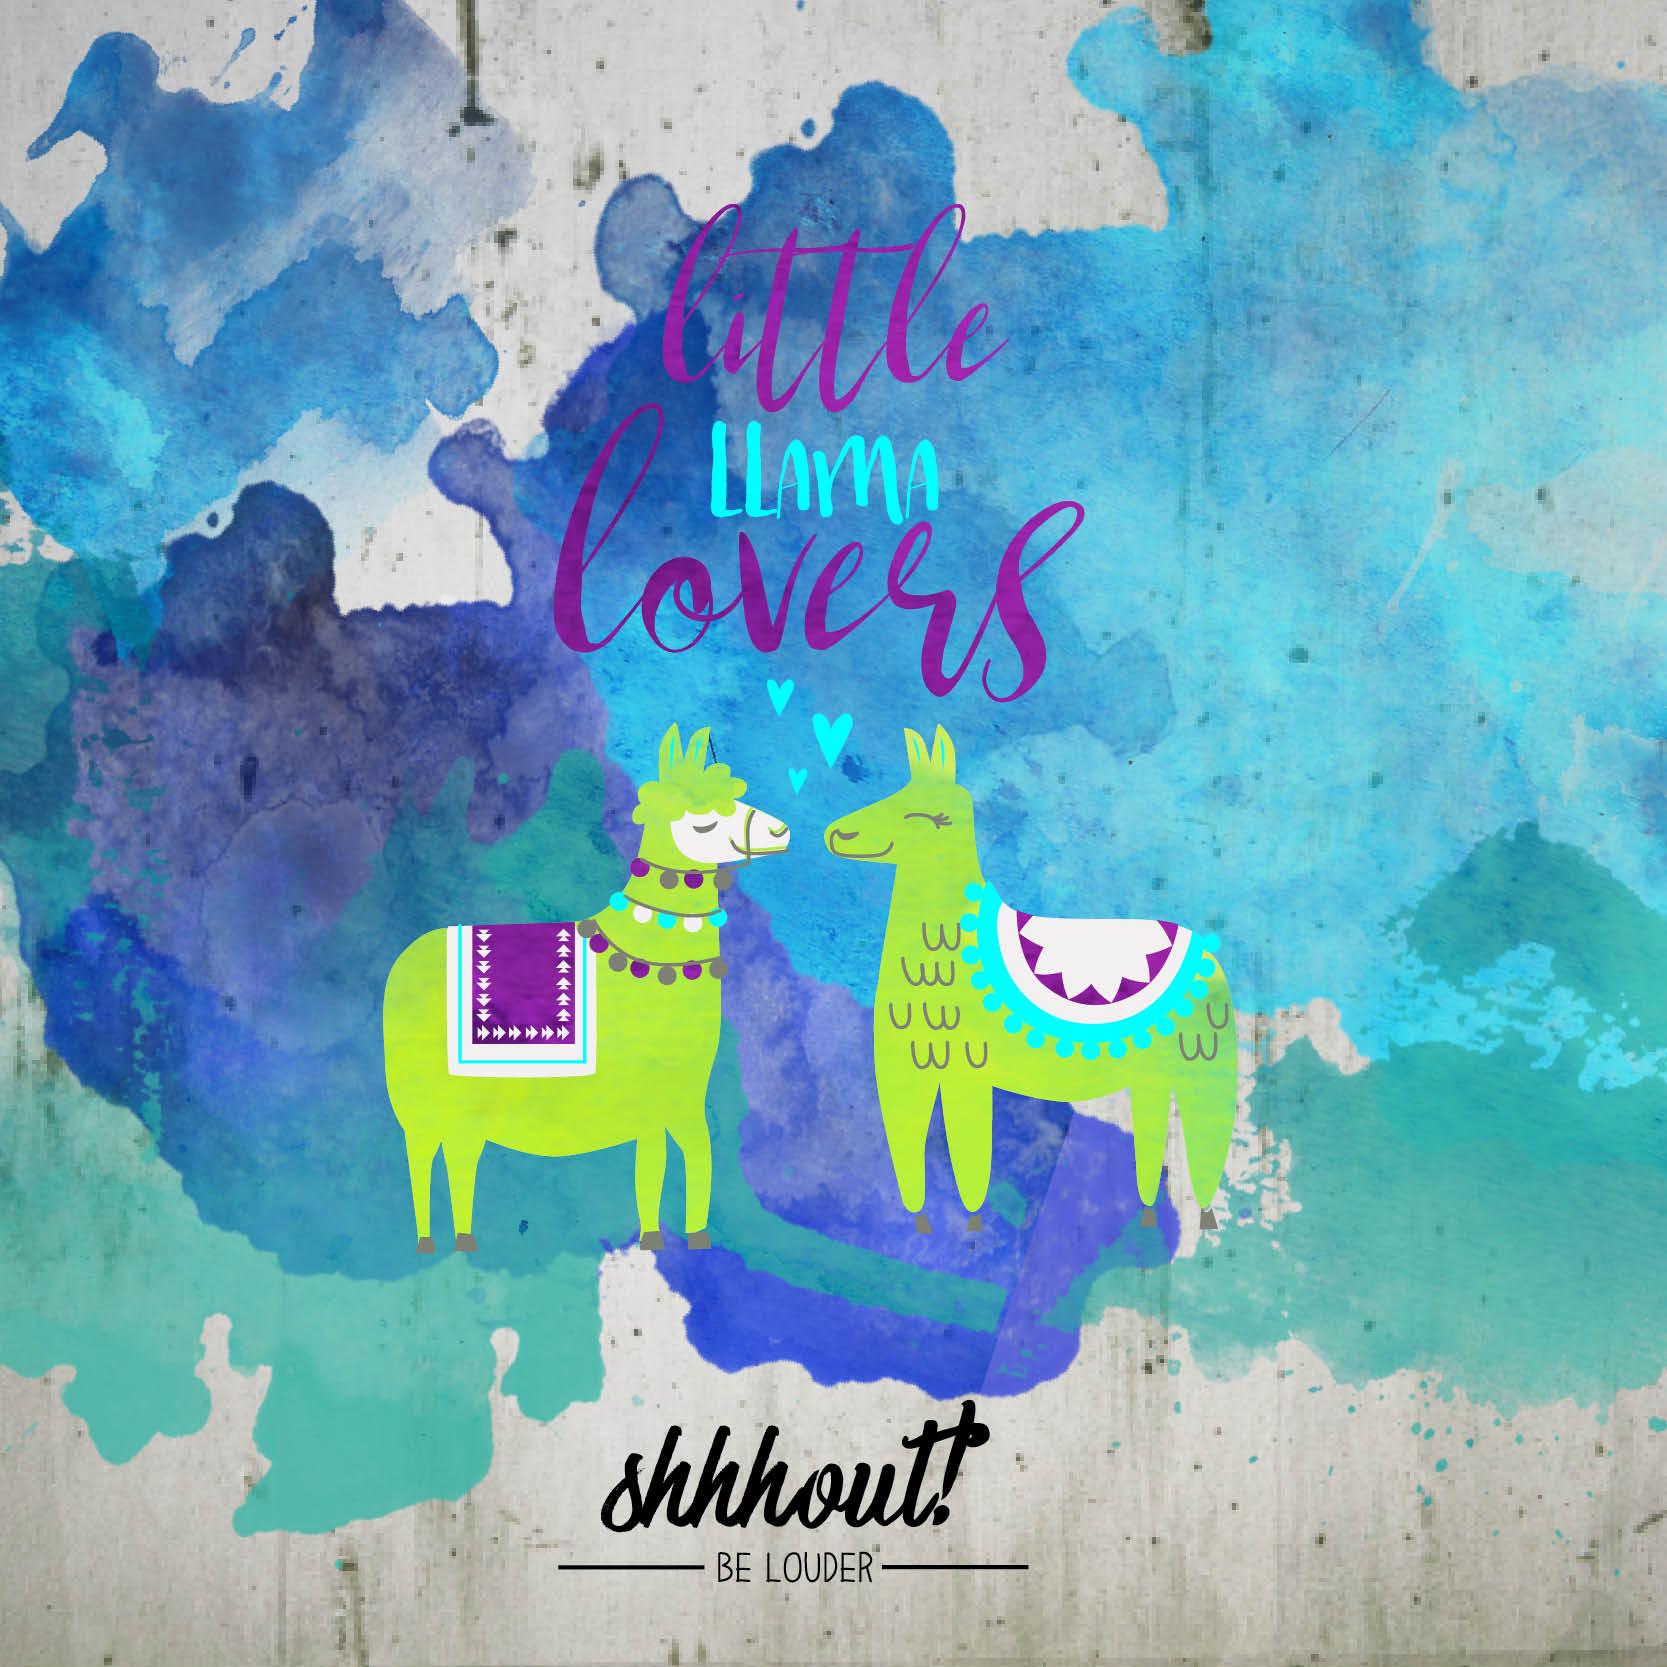 LITTLE LLAMA LOVERS - Plotterdatei